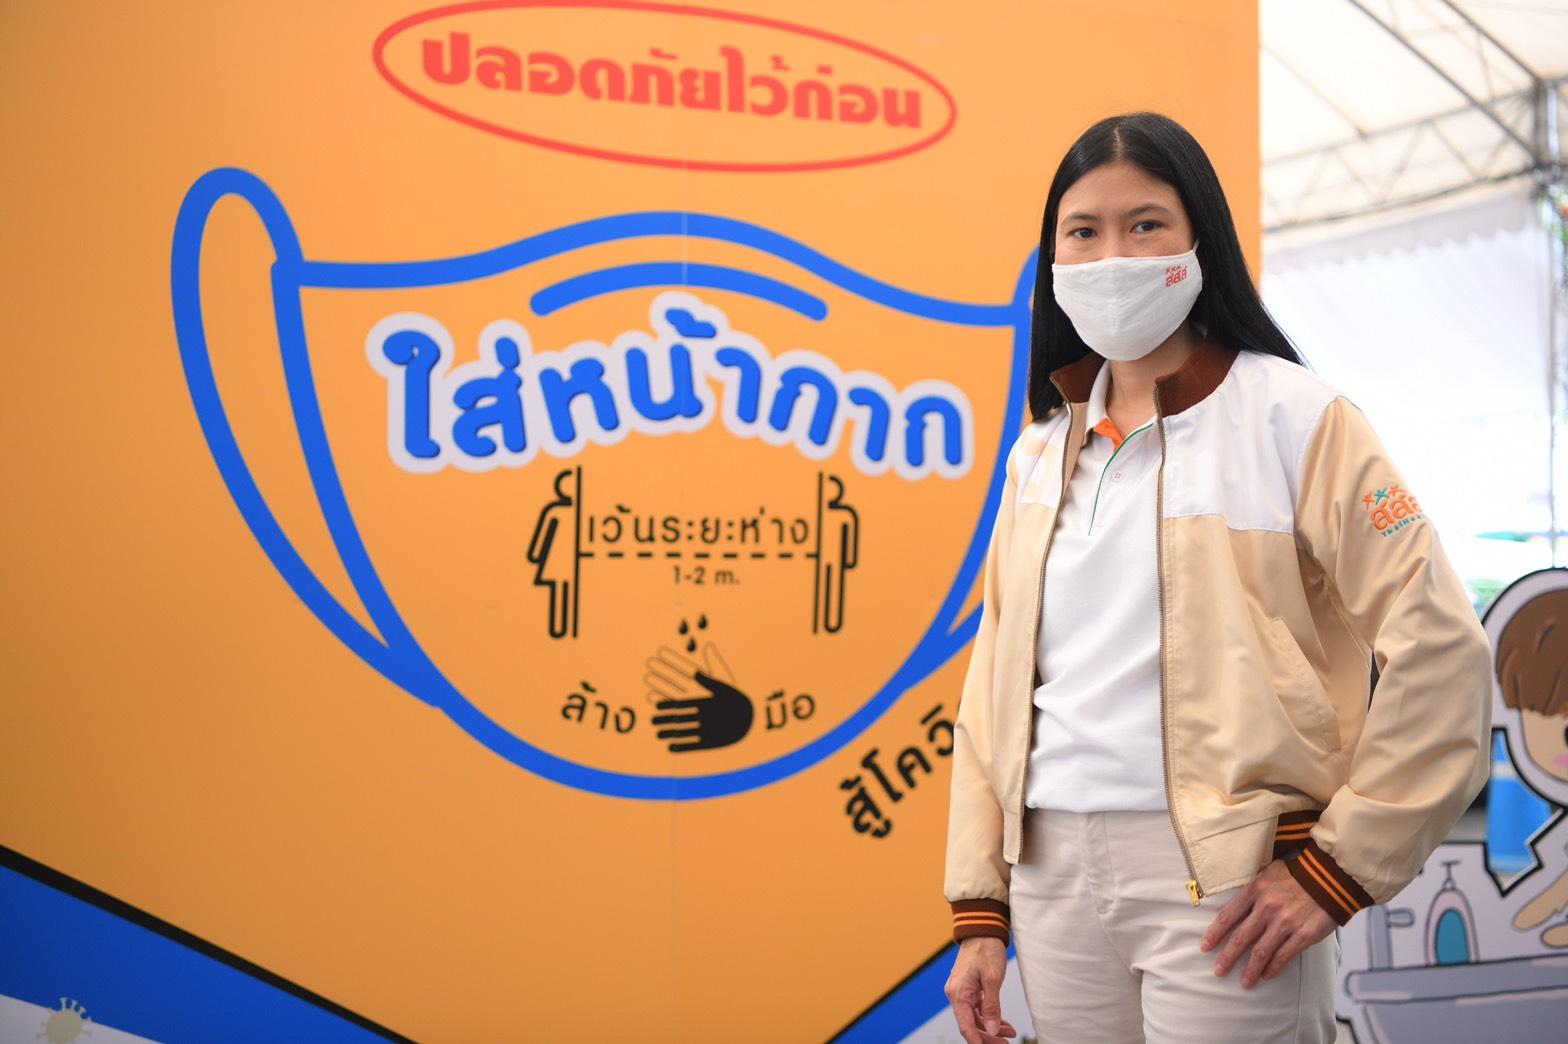 รณรงค์ตลาดปลอดภัย ห่างไกลโควิด-19  thaihealth